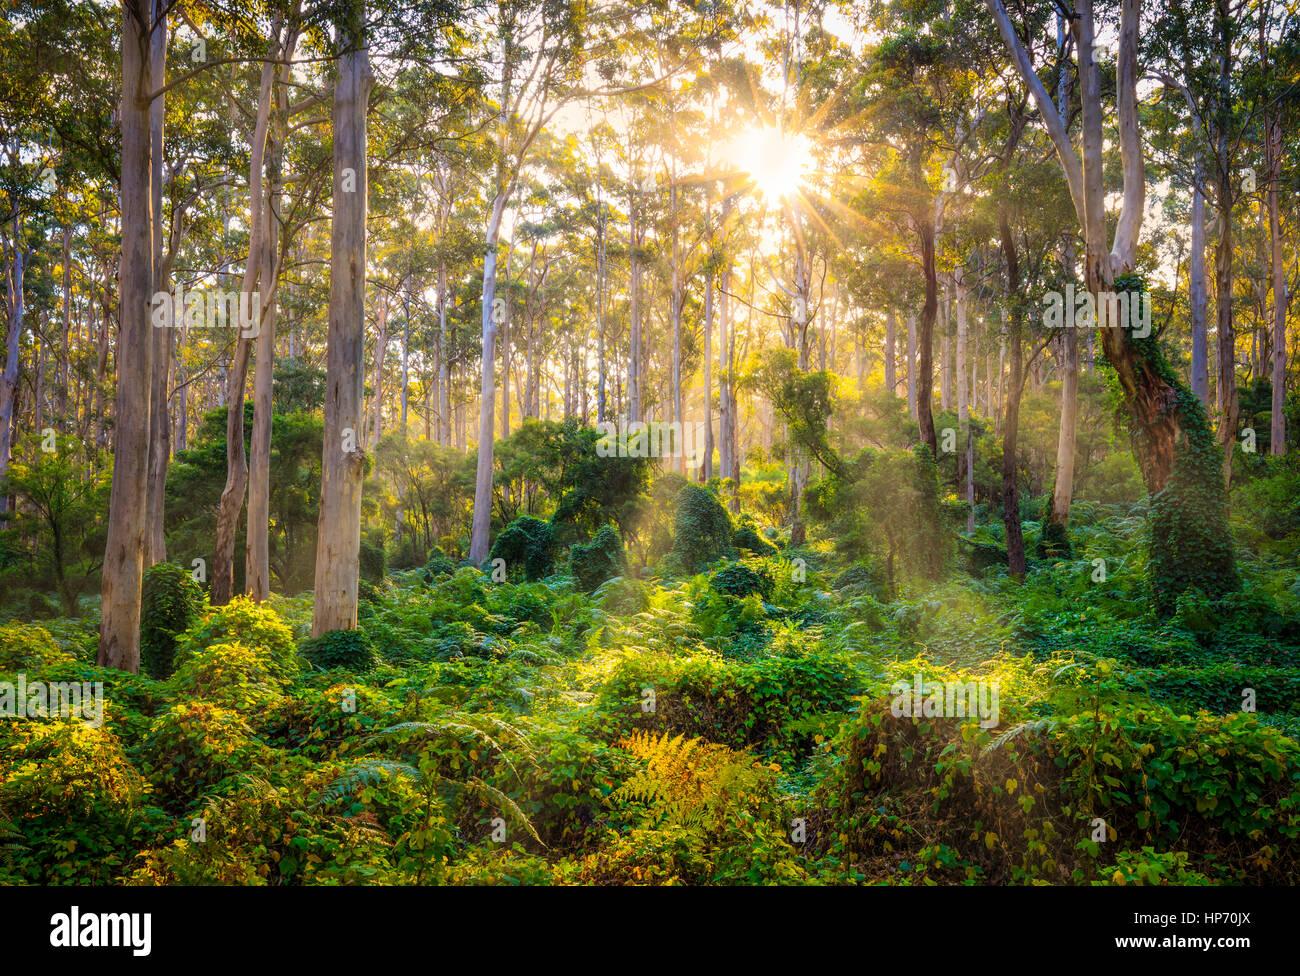 Raggi di sole inserimenti attraverso gli alberi vecchi Karridale, Australia occidentale Immagini Stock